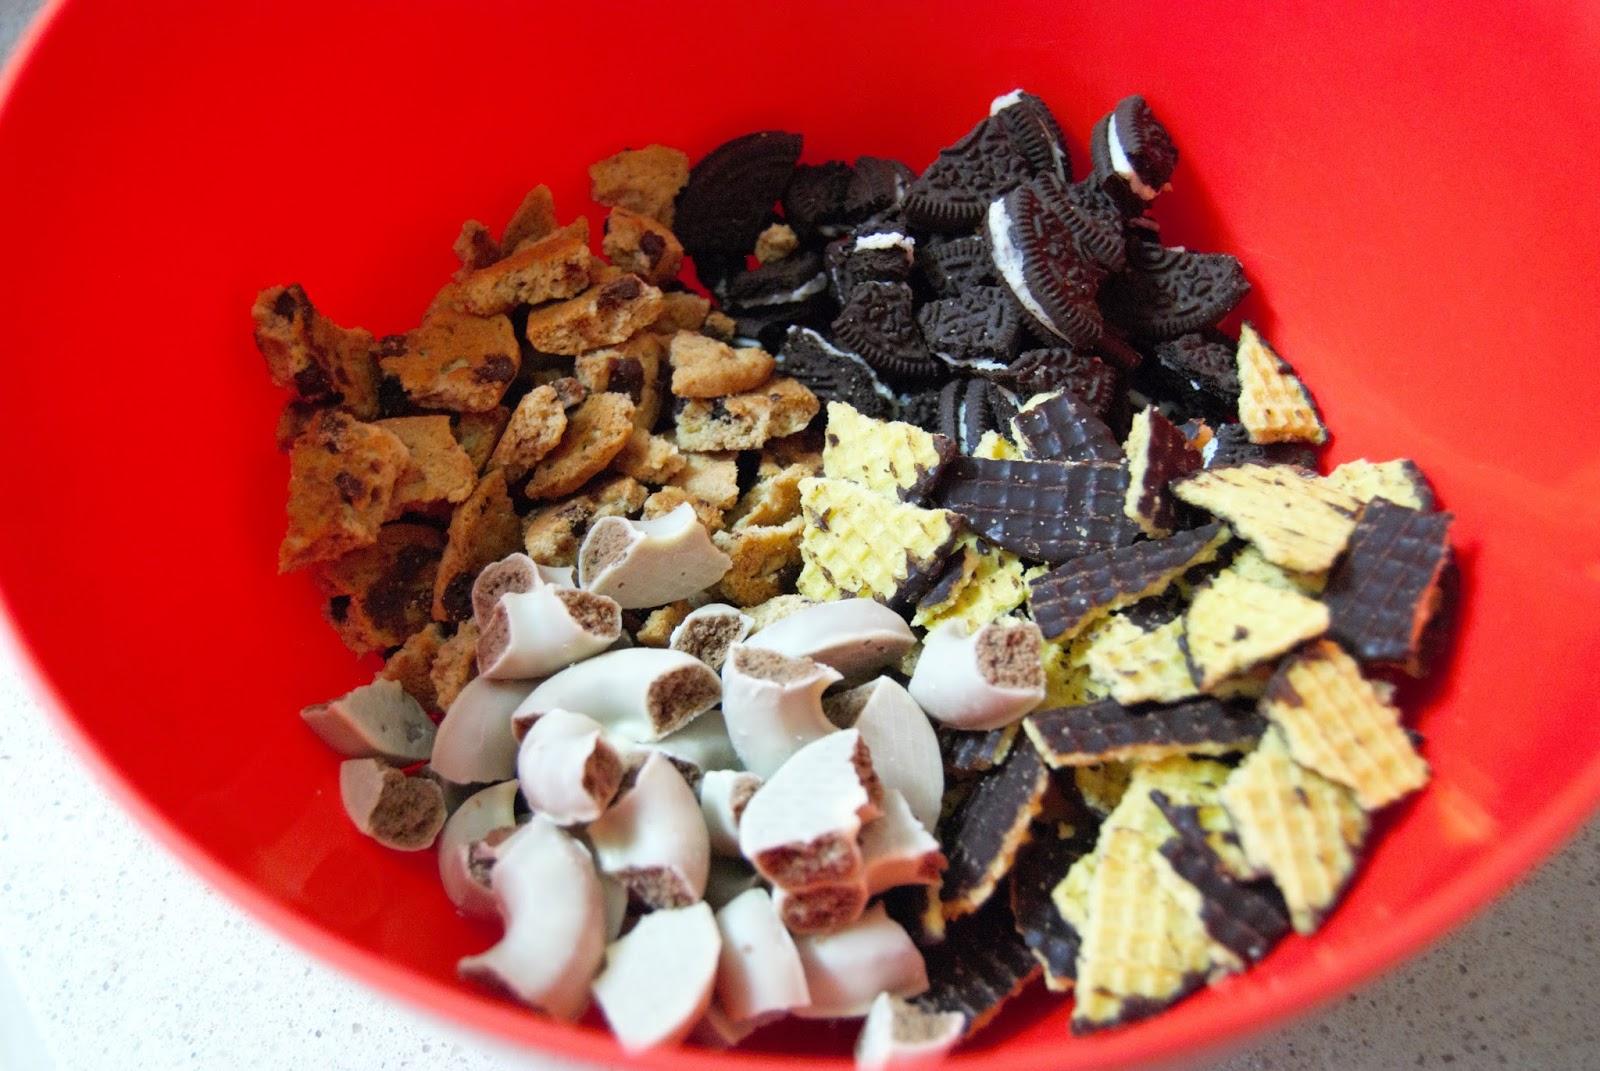 sobremesa-doce-bolachas-oreo-belgas-pepitas-chocolate-filipinos